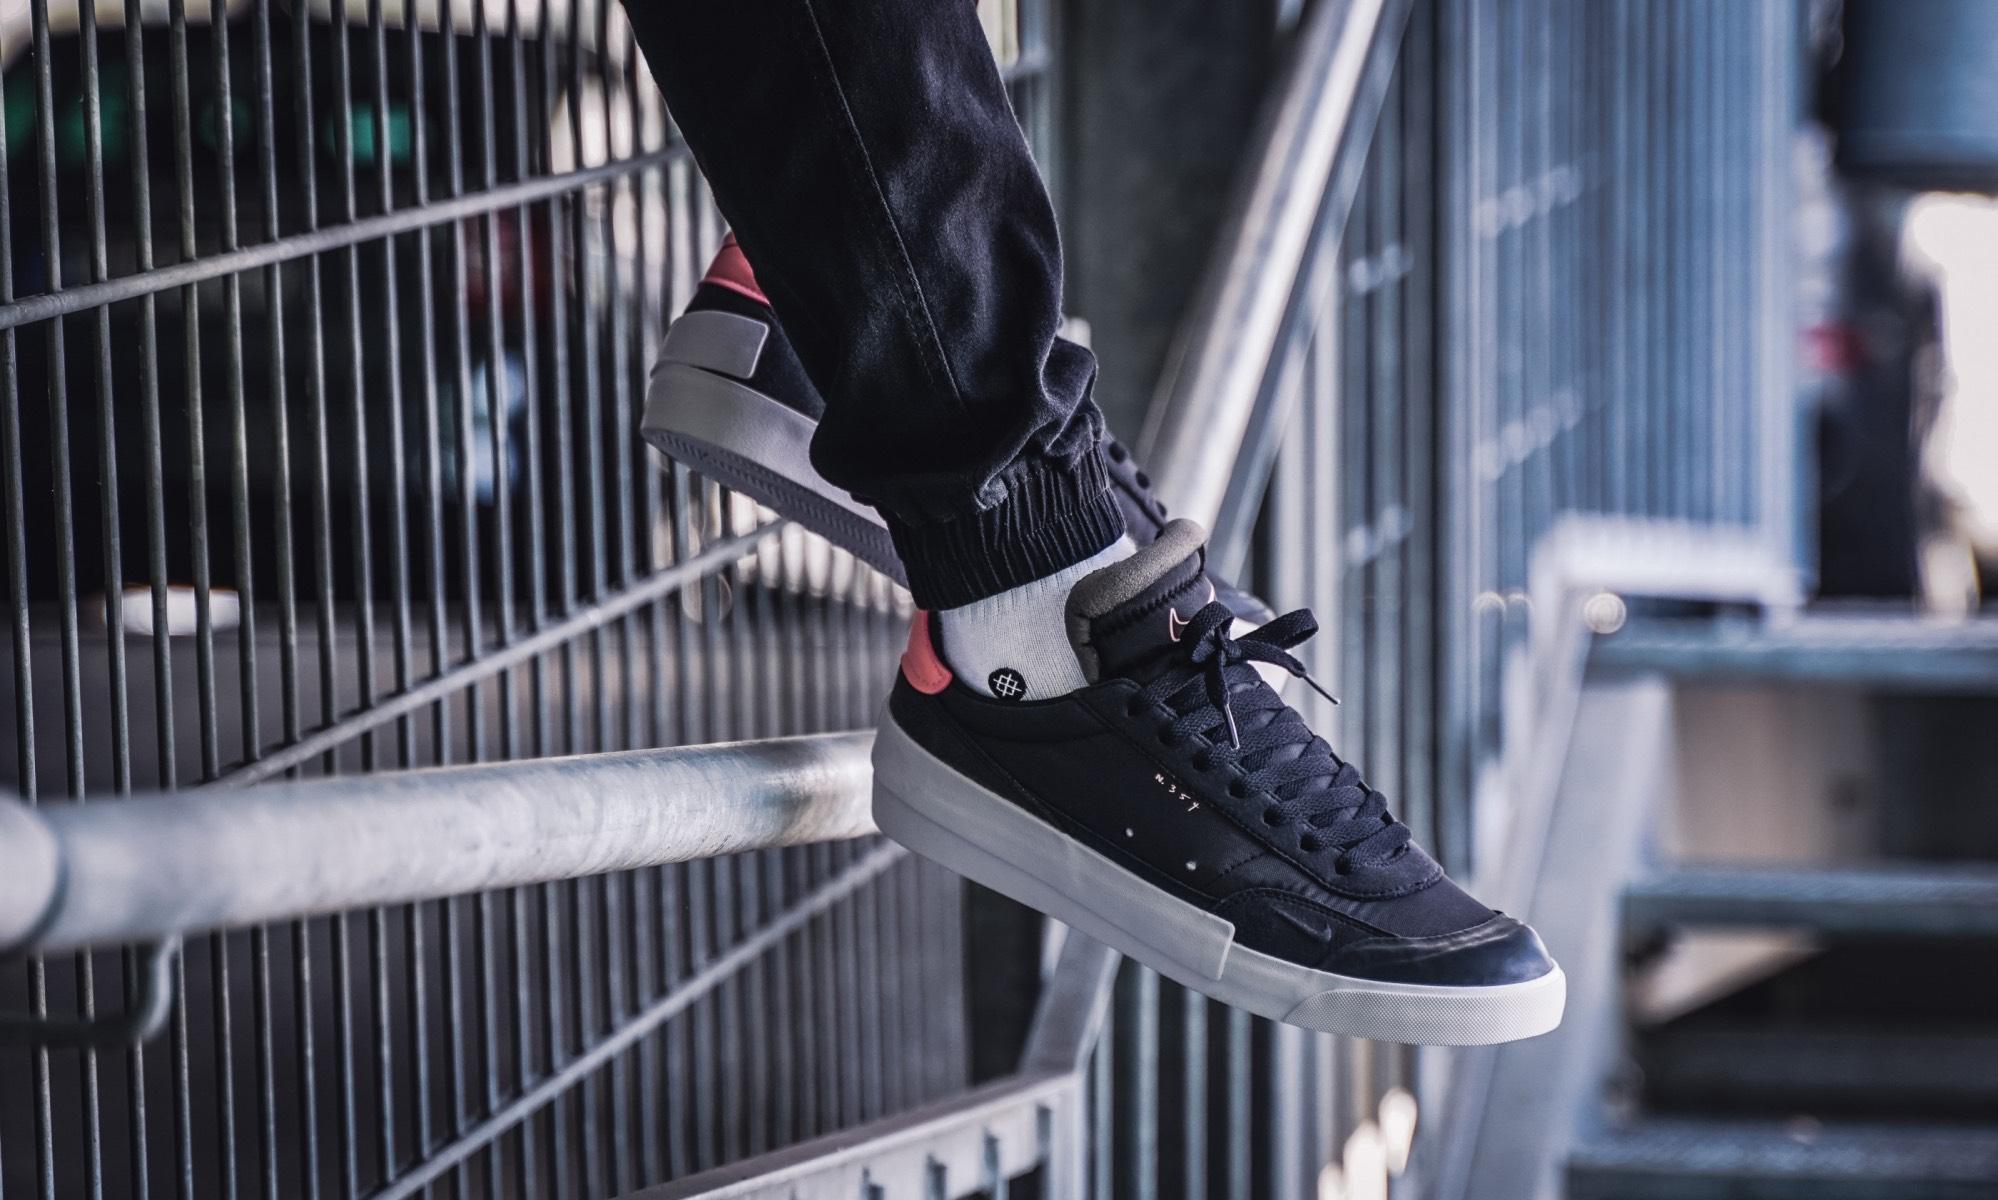 20% auf ALLES bei Keller-X (Zb. Nike Drop Type LX für 63,32€ statt 79,99€)